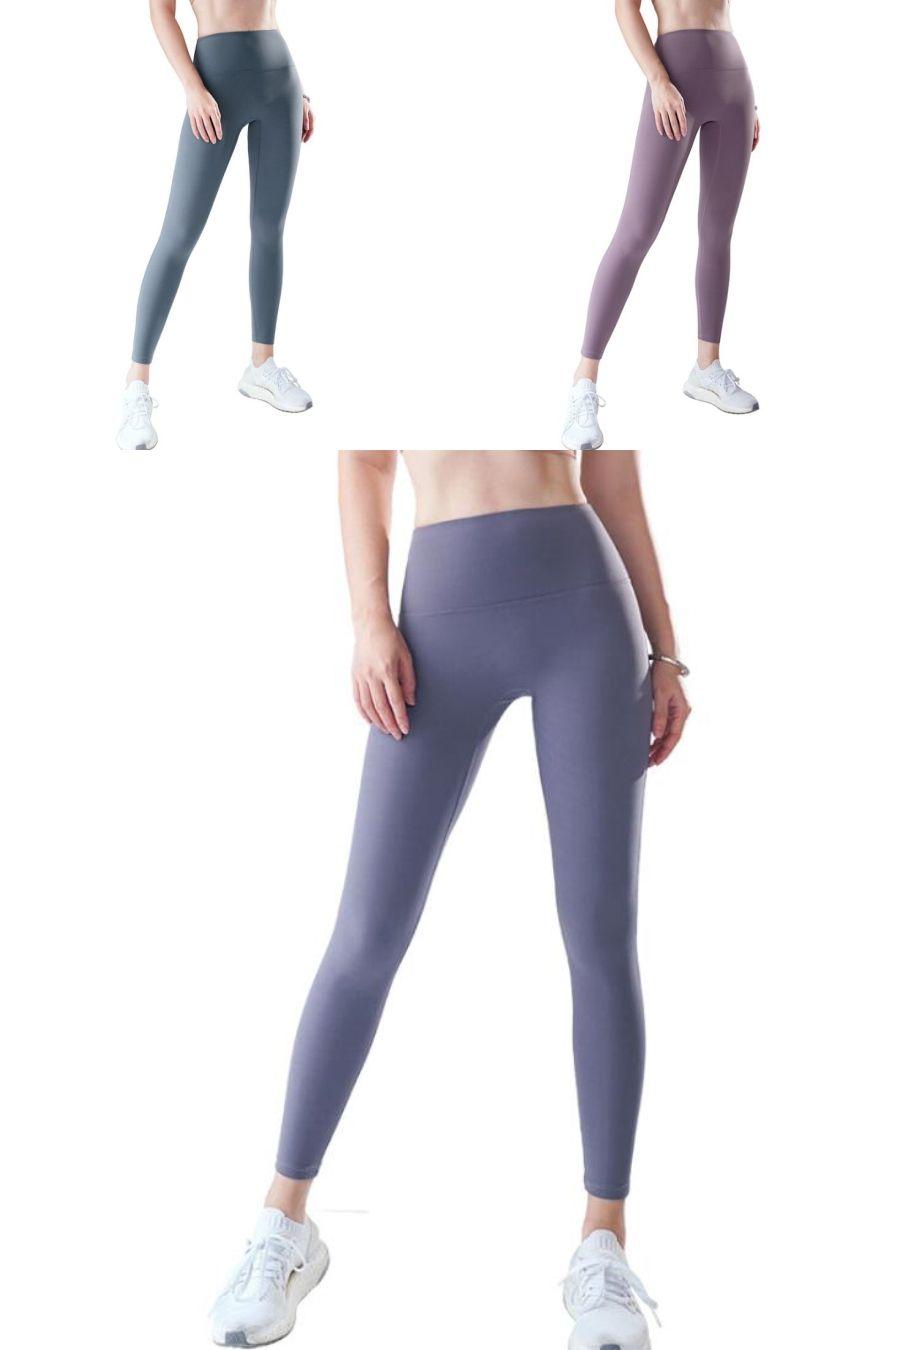 Femmes Espace d'impression Pantalon de remise en forme Legging Muz-Man PAC-MAN LEGGINGS Femme Leggings Igh Qualité d'impression numérique Fitness Leggins # 365